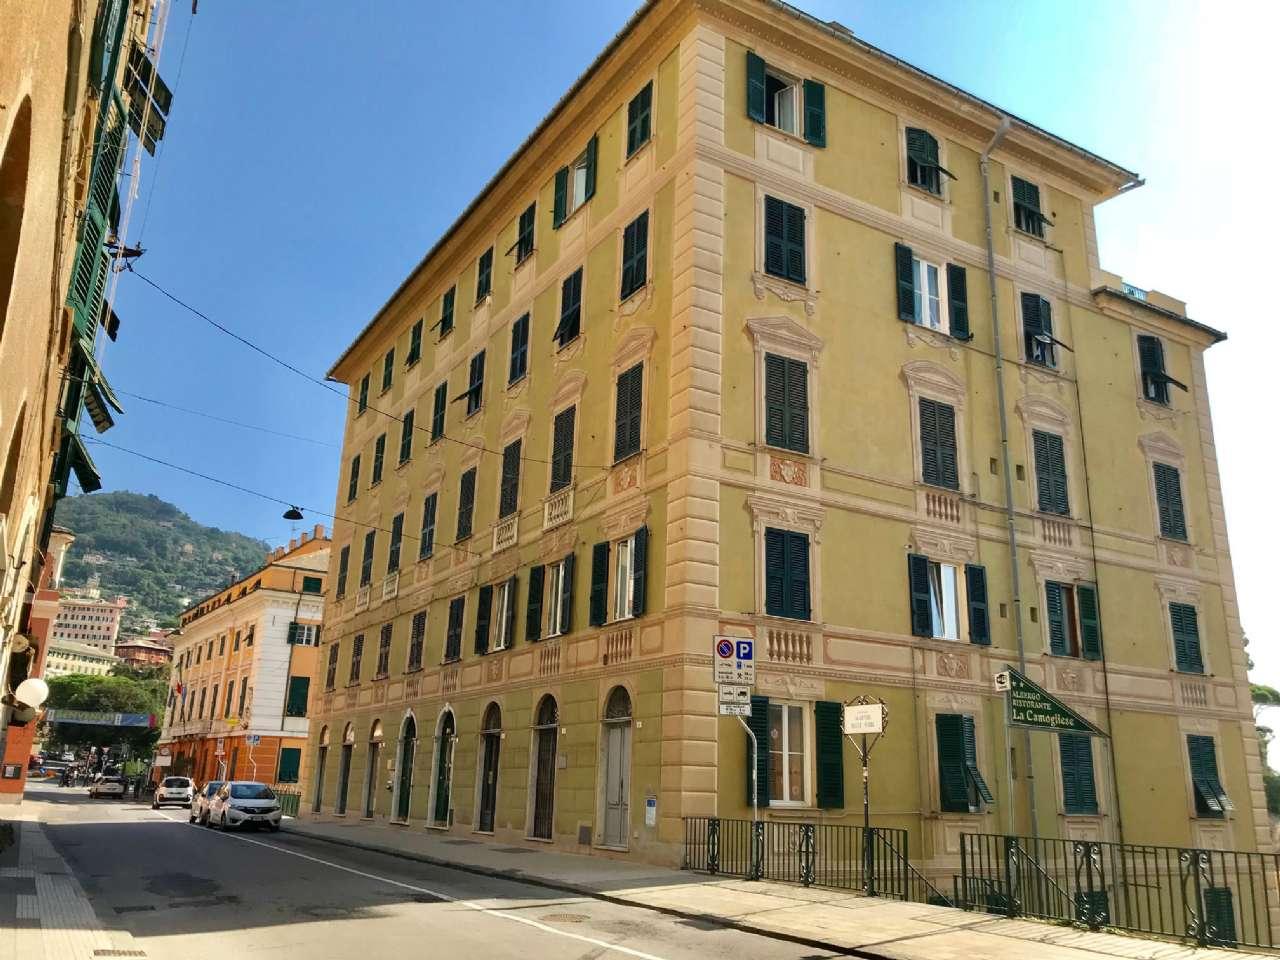 Negozio / Locale in affitto a Camogli, 1 locali, prezzo € 450 | CambioCasa.it